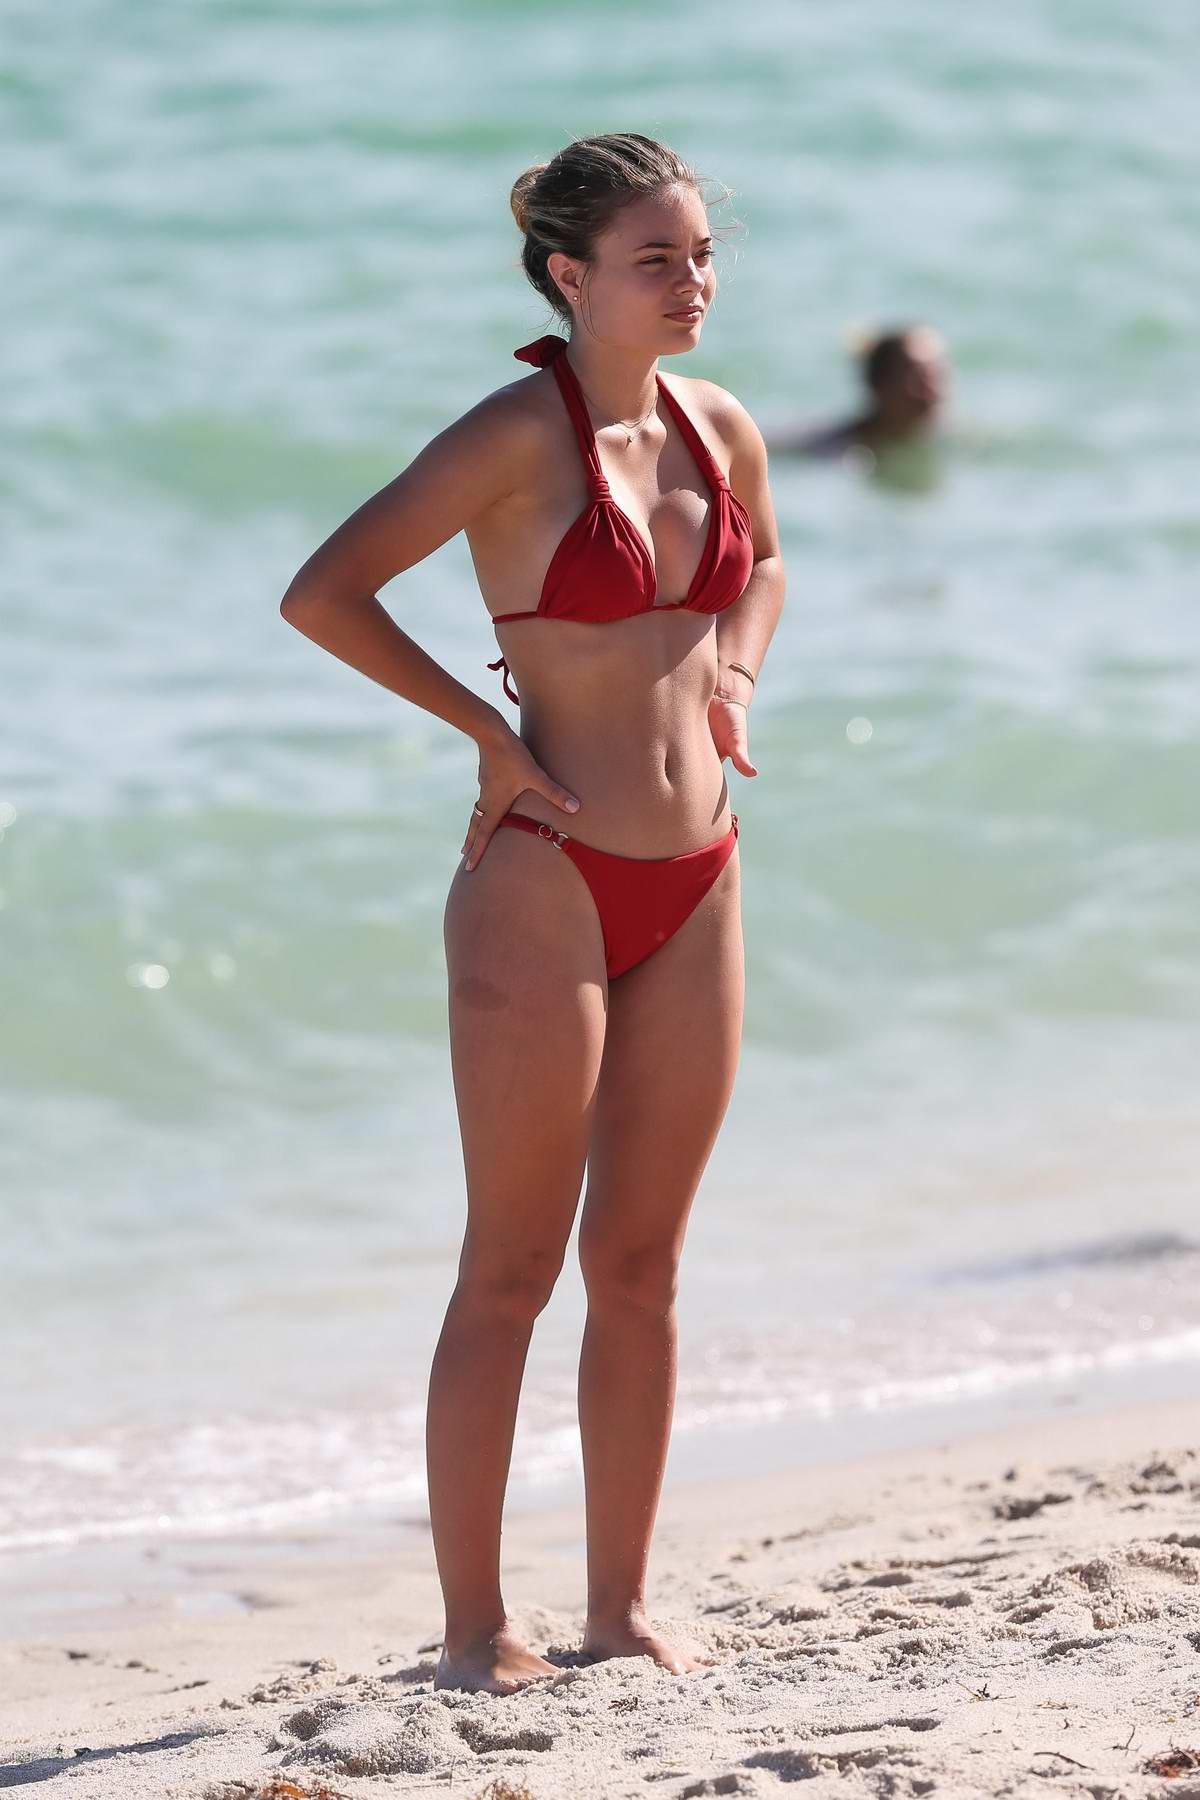 Sophia Vantuno in a red bikini enjoying the ocean in Miami, Florida